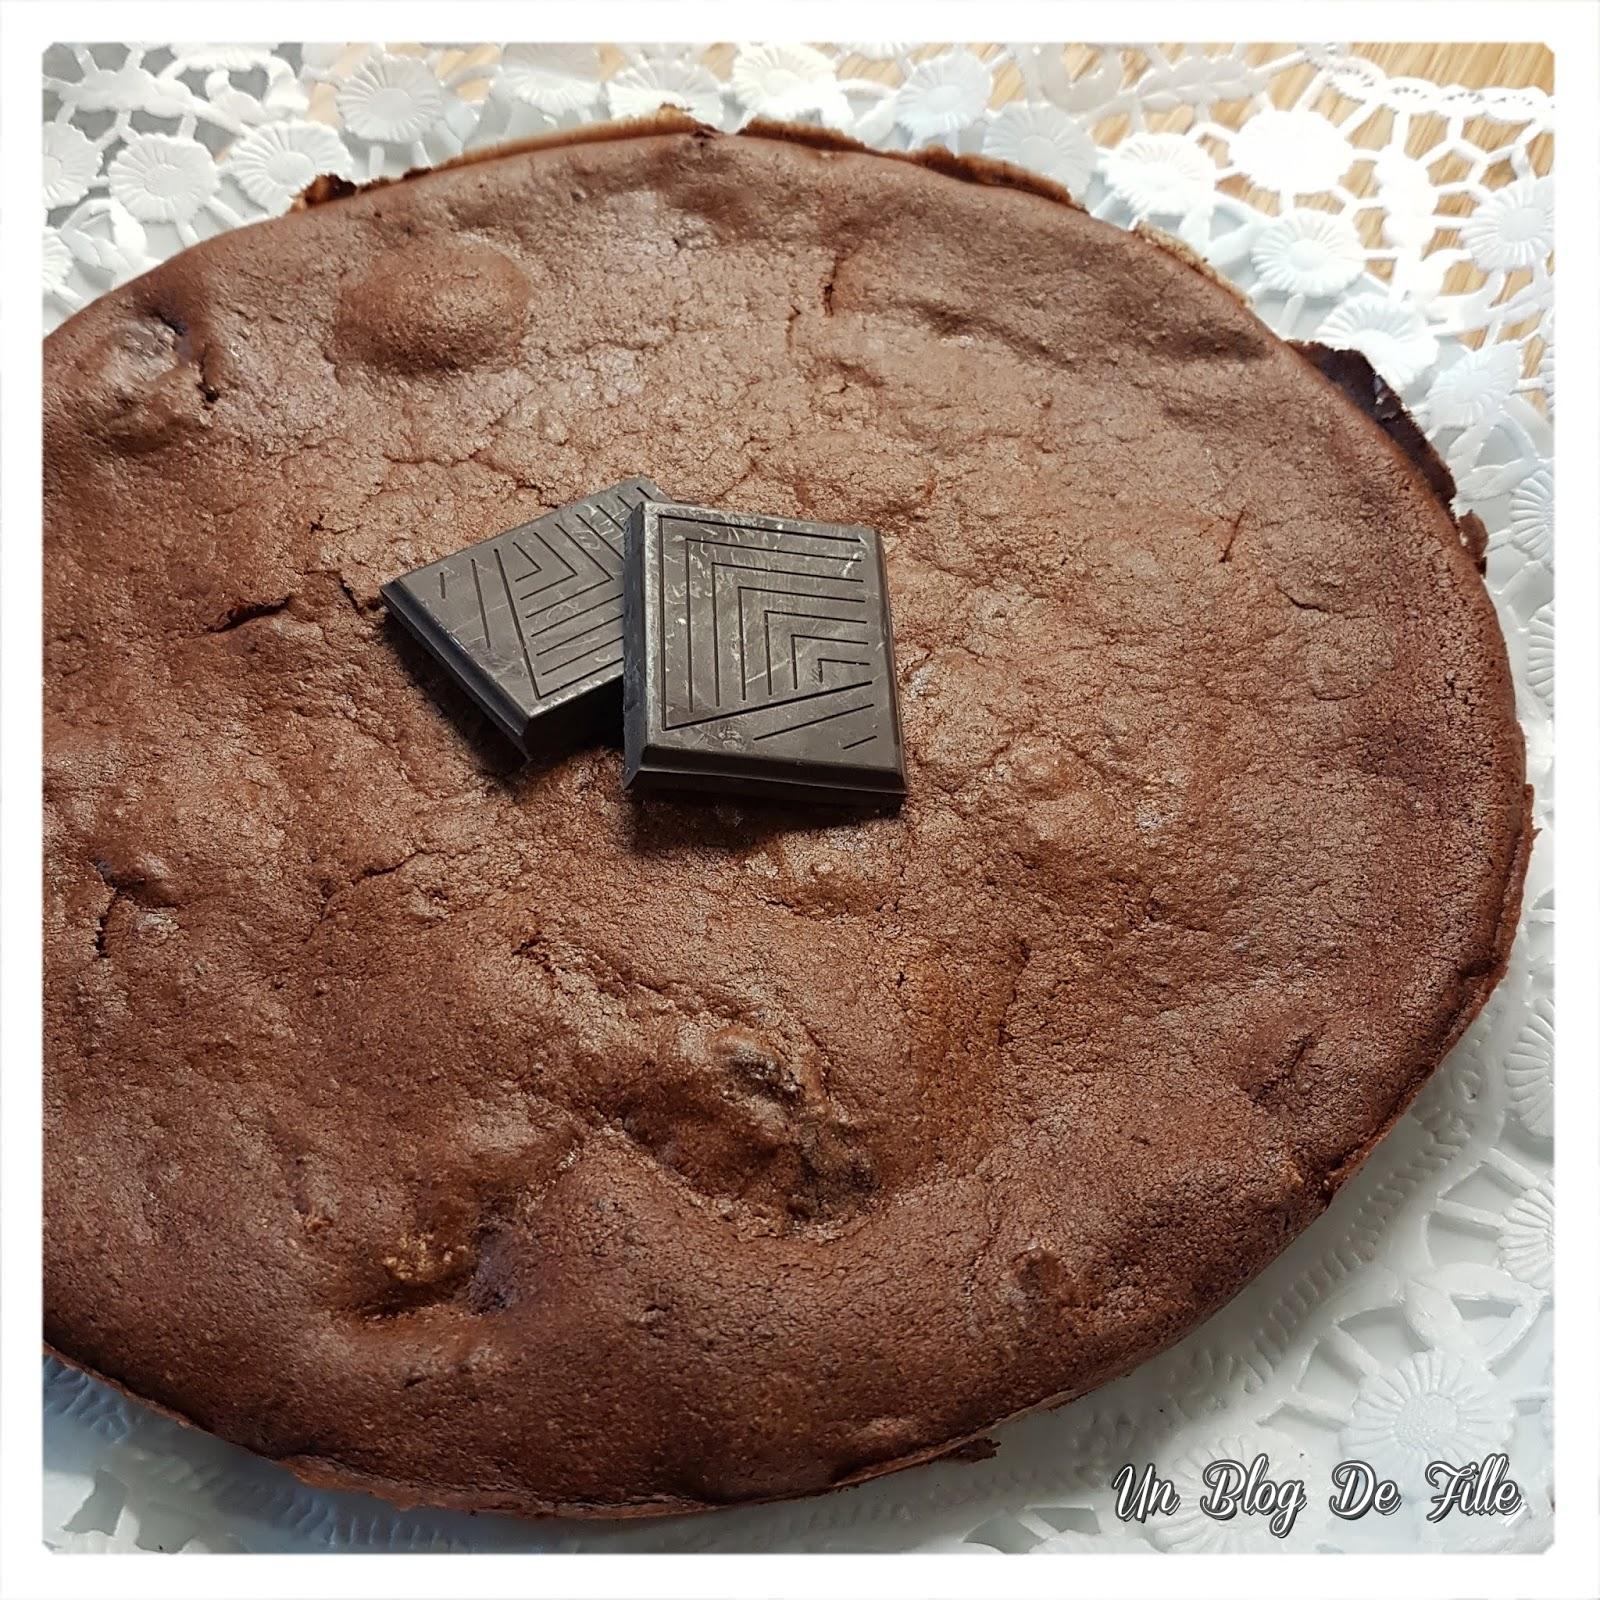 http://www.unblogdefille.fr/2019/05/recette-gateau-chocolat-courgette-au.html